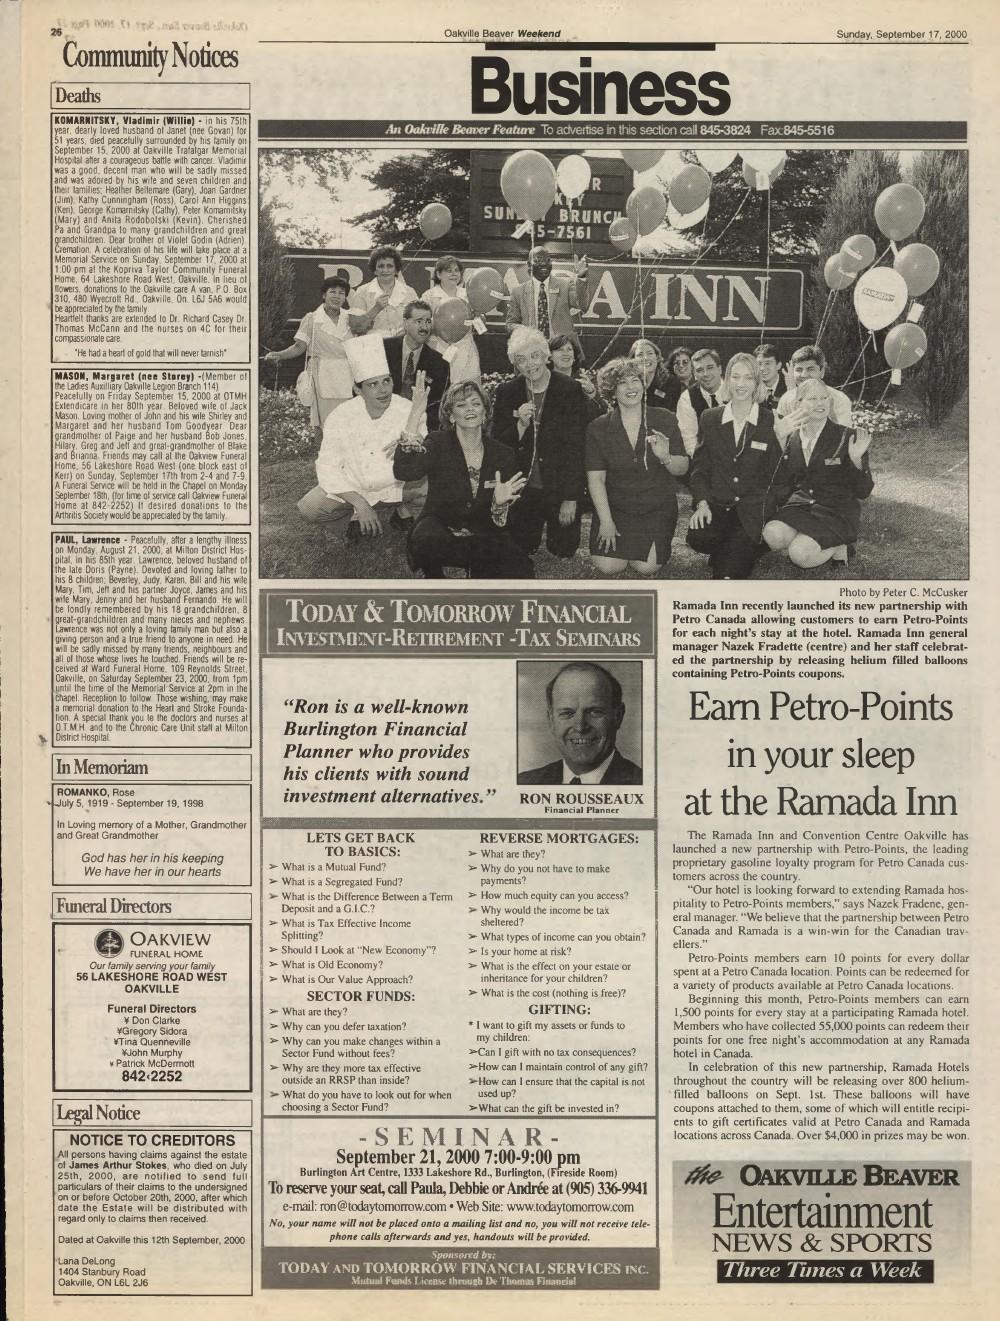 Oakville Beaver, 17 Sep 2000